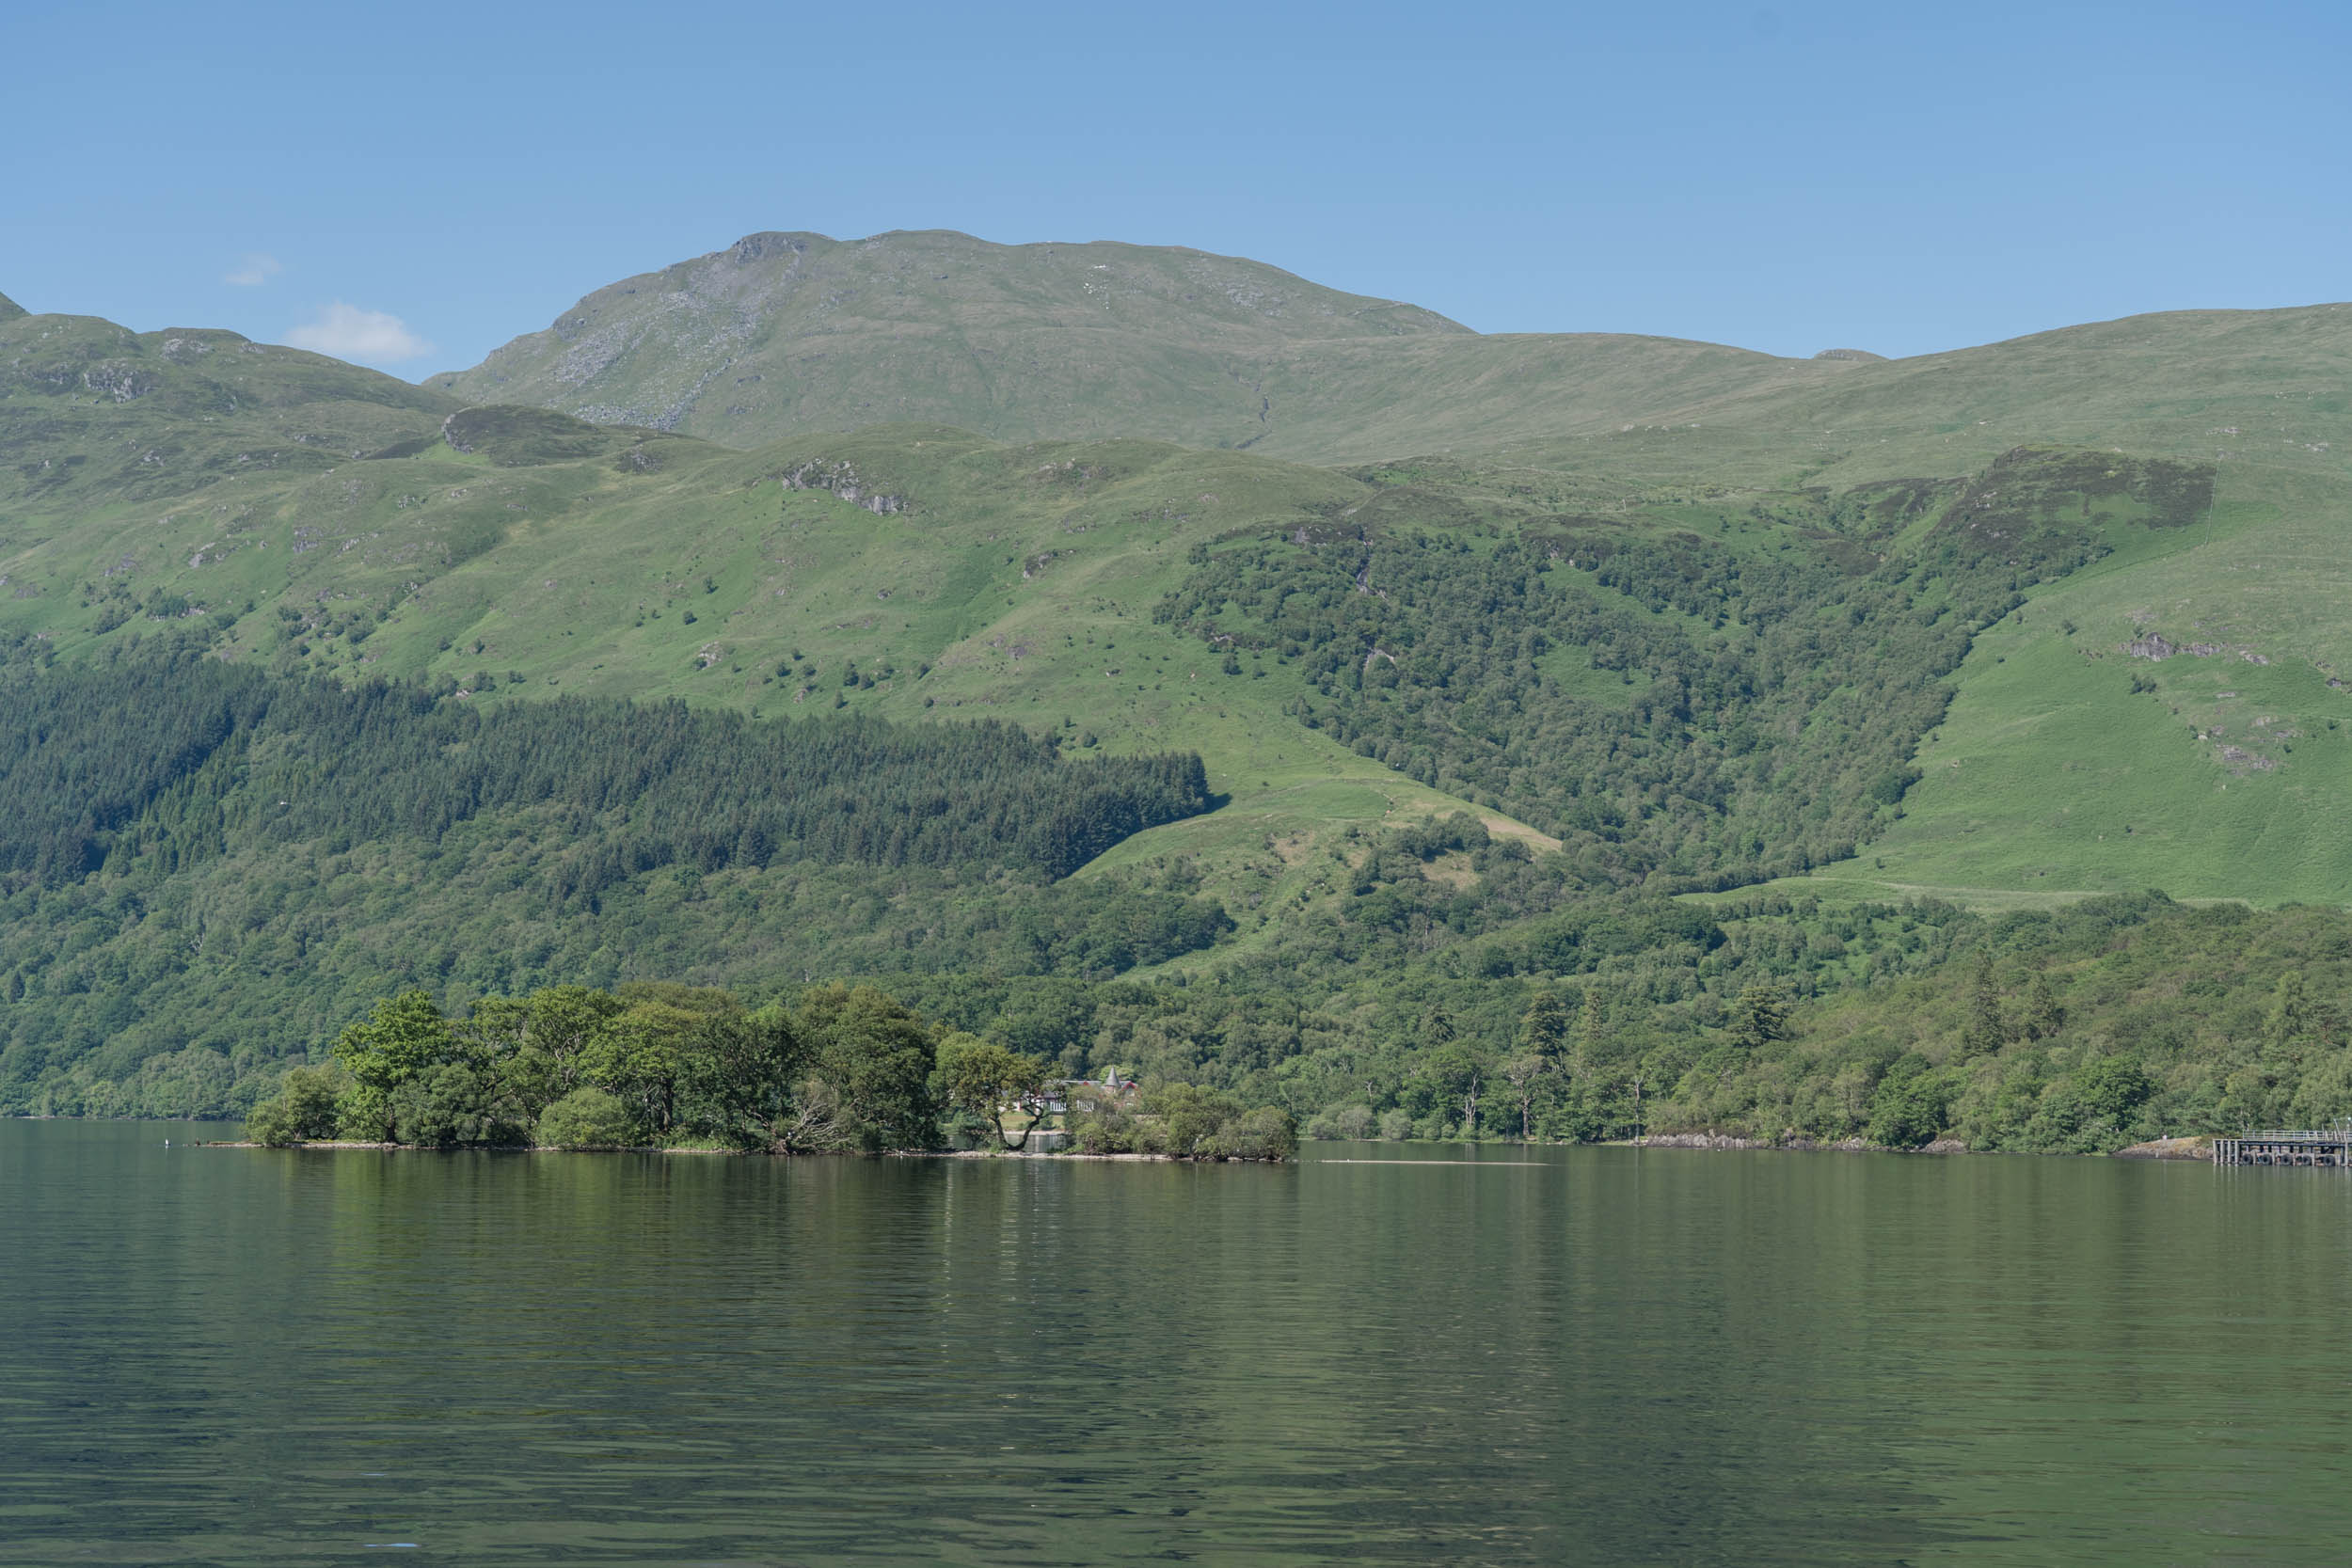 Eilean nan Deargannan, Loch Lomond